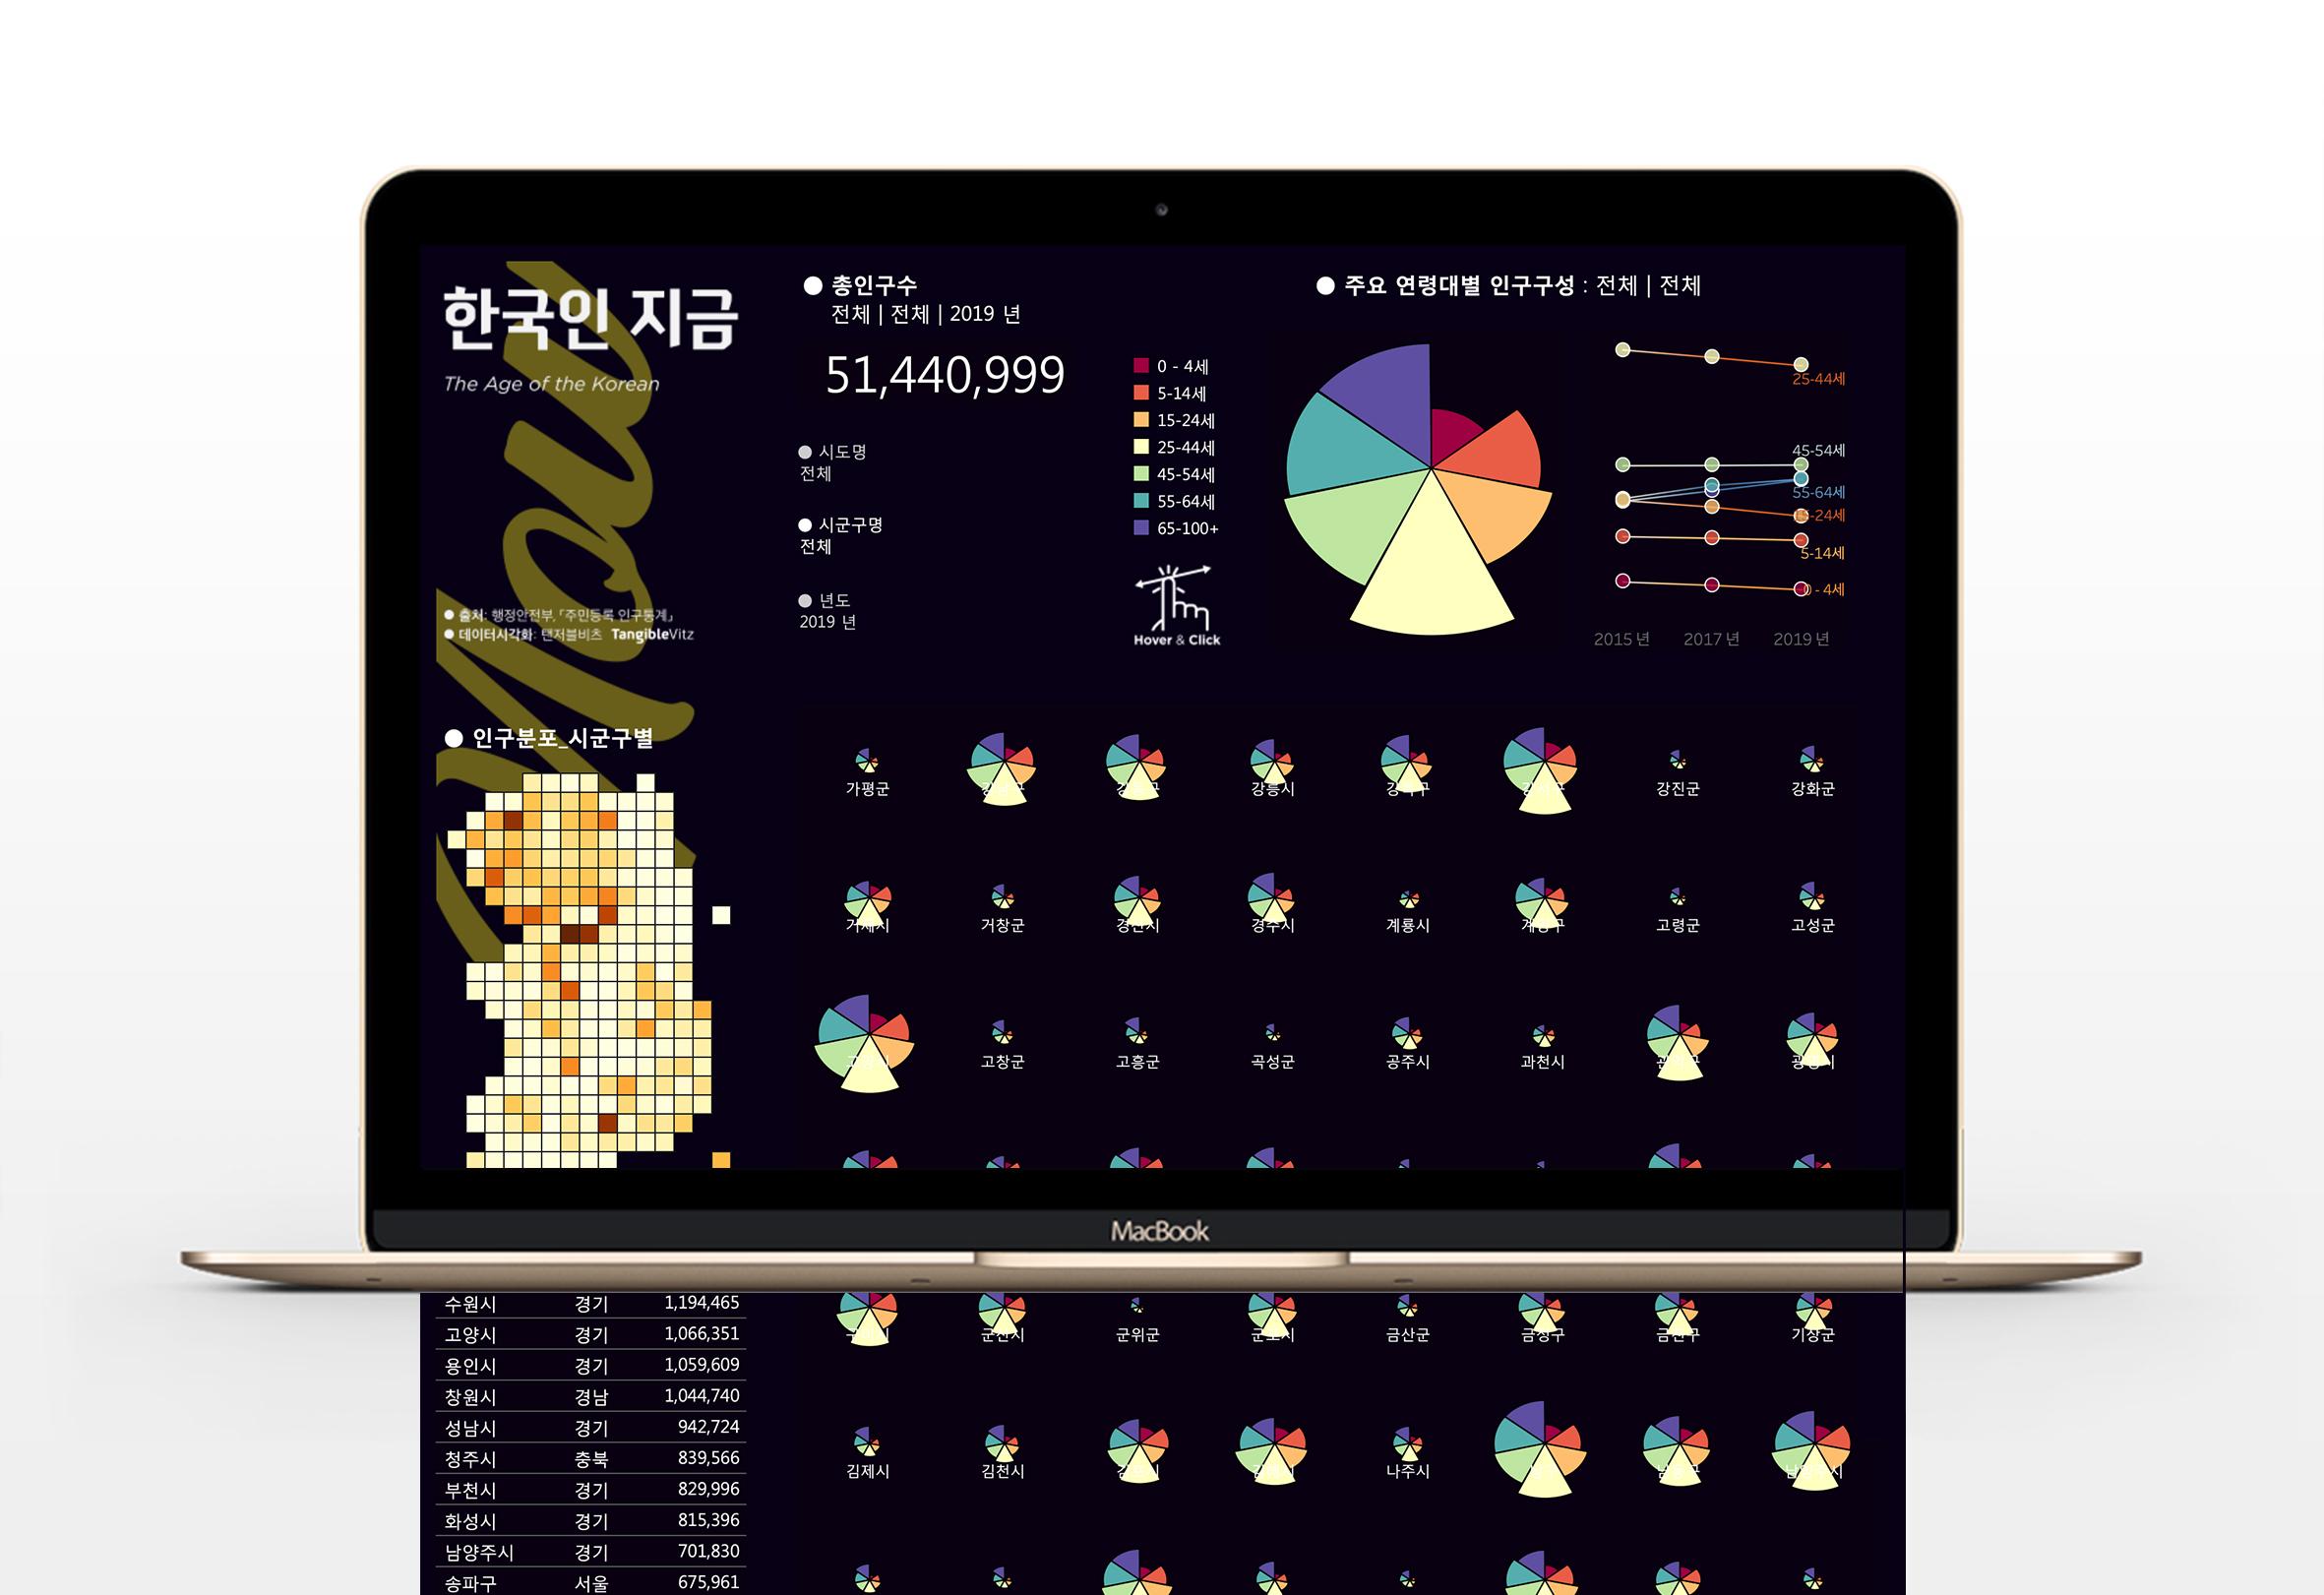 KOREA 인구분포 데이터시각화 by 탠저블비츠